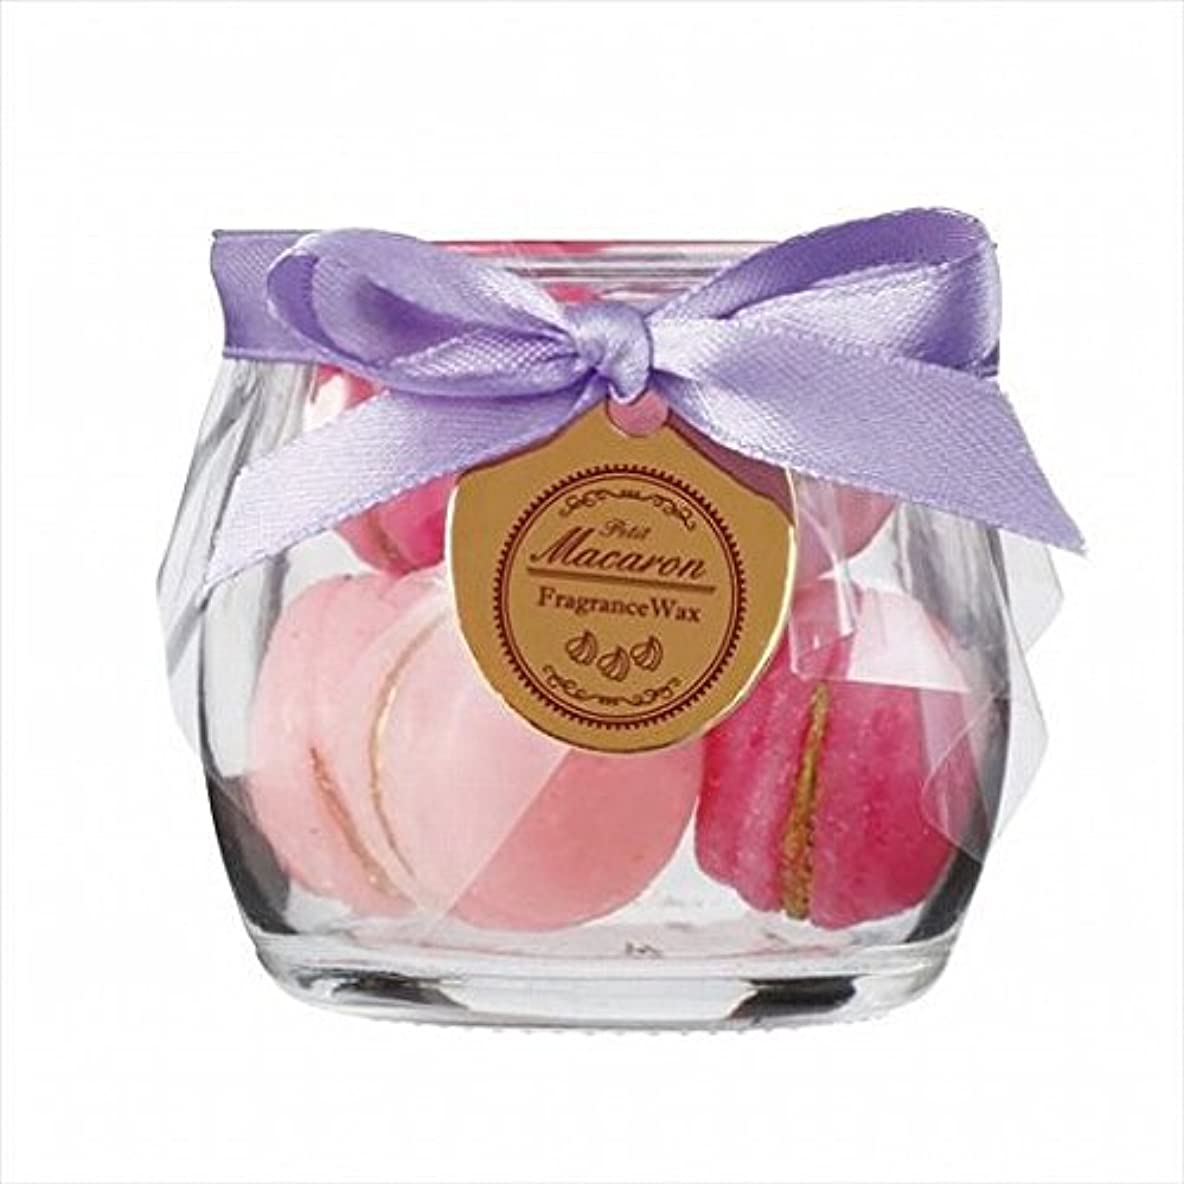 現実的到着所有権sweets candle(スイーツキャンドル) プチマカロンフレグランス 「 バニラ 」 キャンドル 60x60x56mm (A3160550)